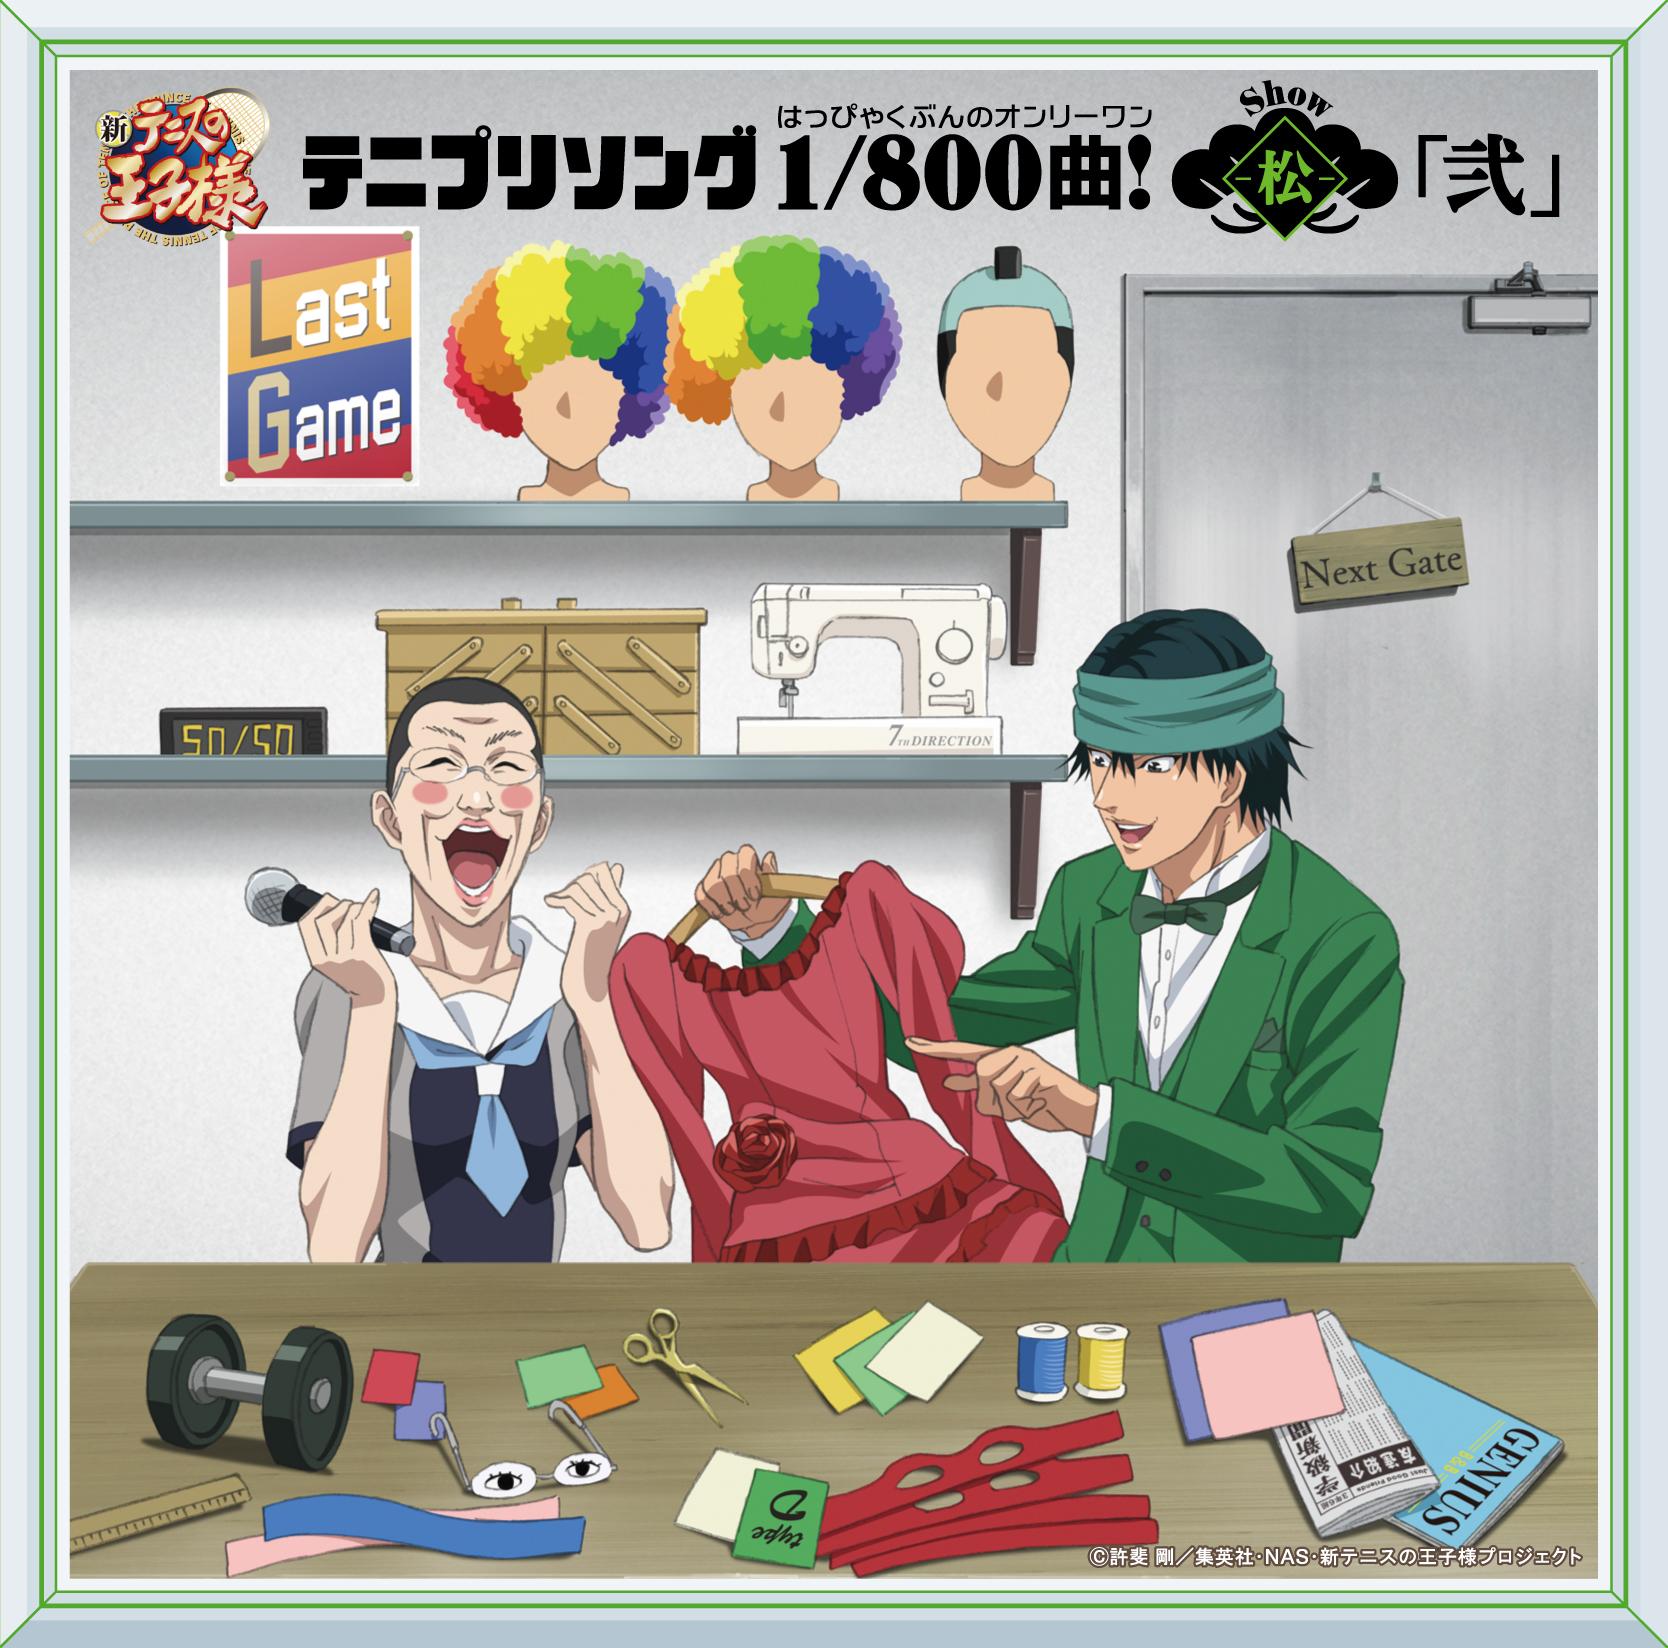 「テニプリソング1/800曲!(はっぴゃくぶんのオンリーワン)-松(Show)-「弐」」Various Artists